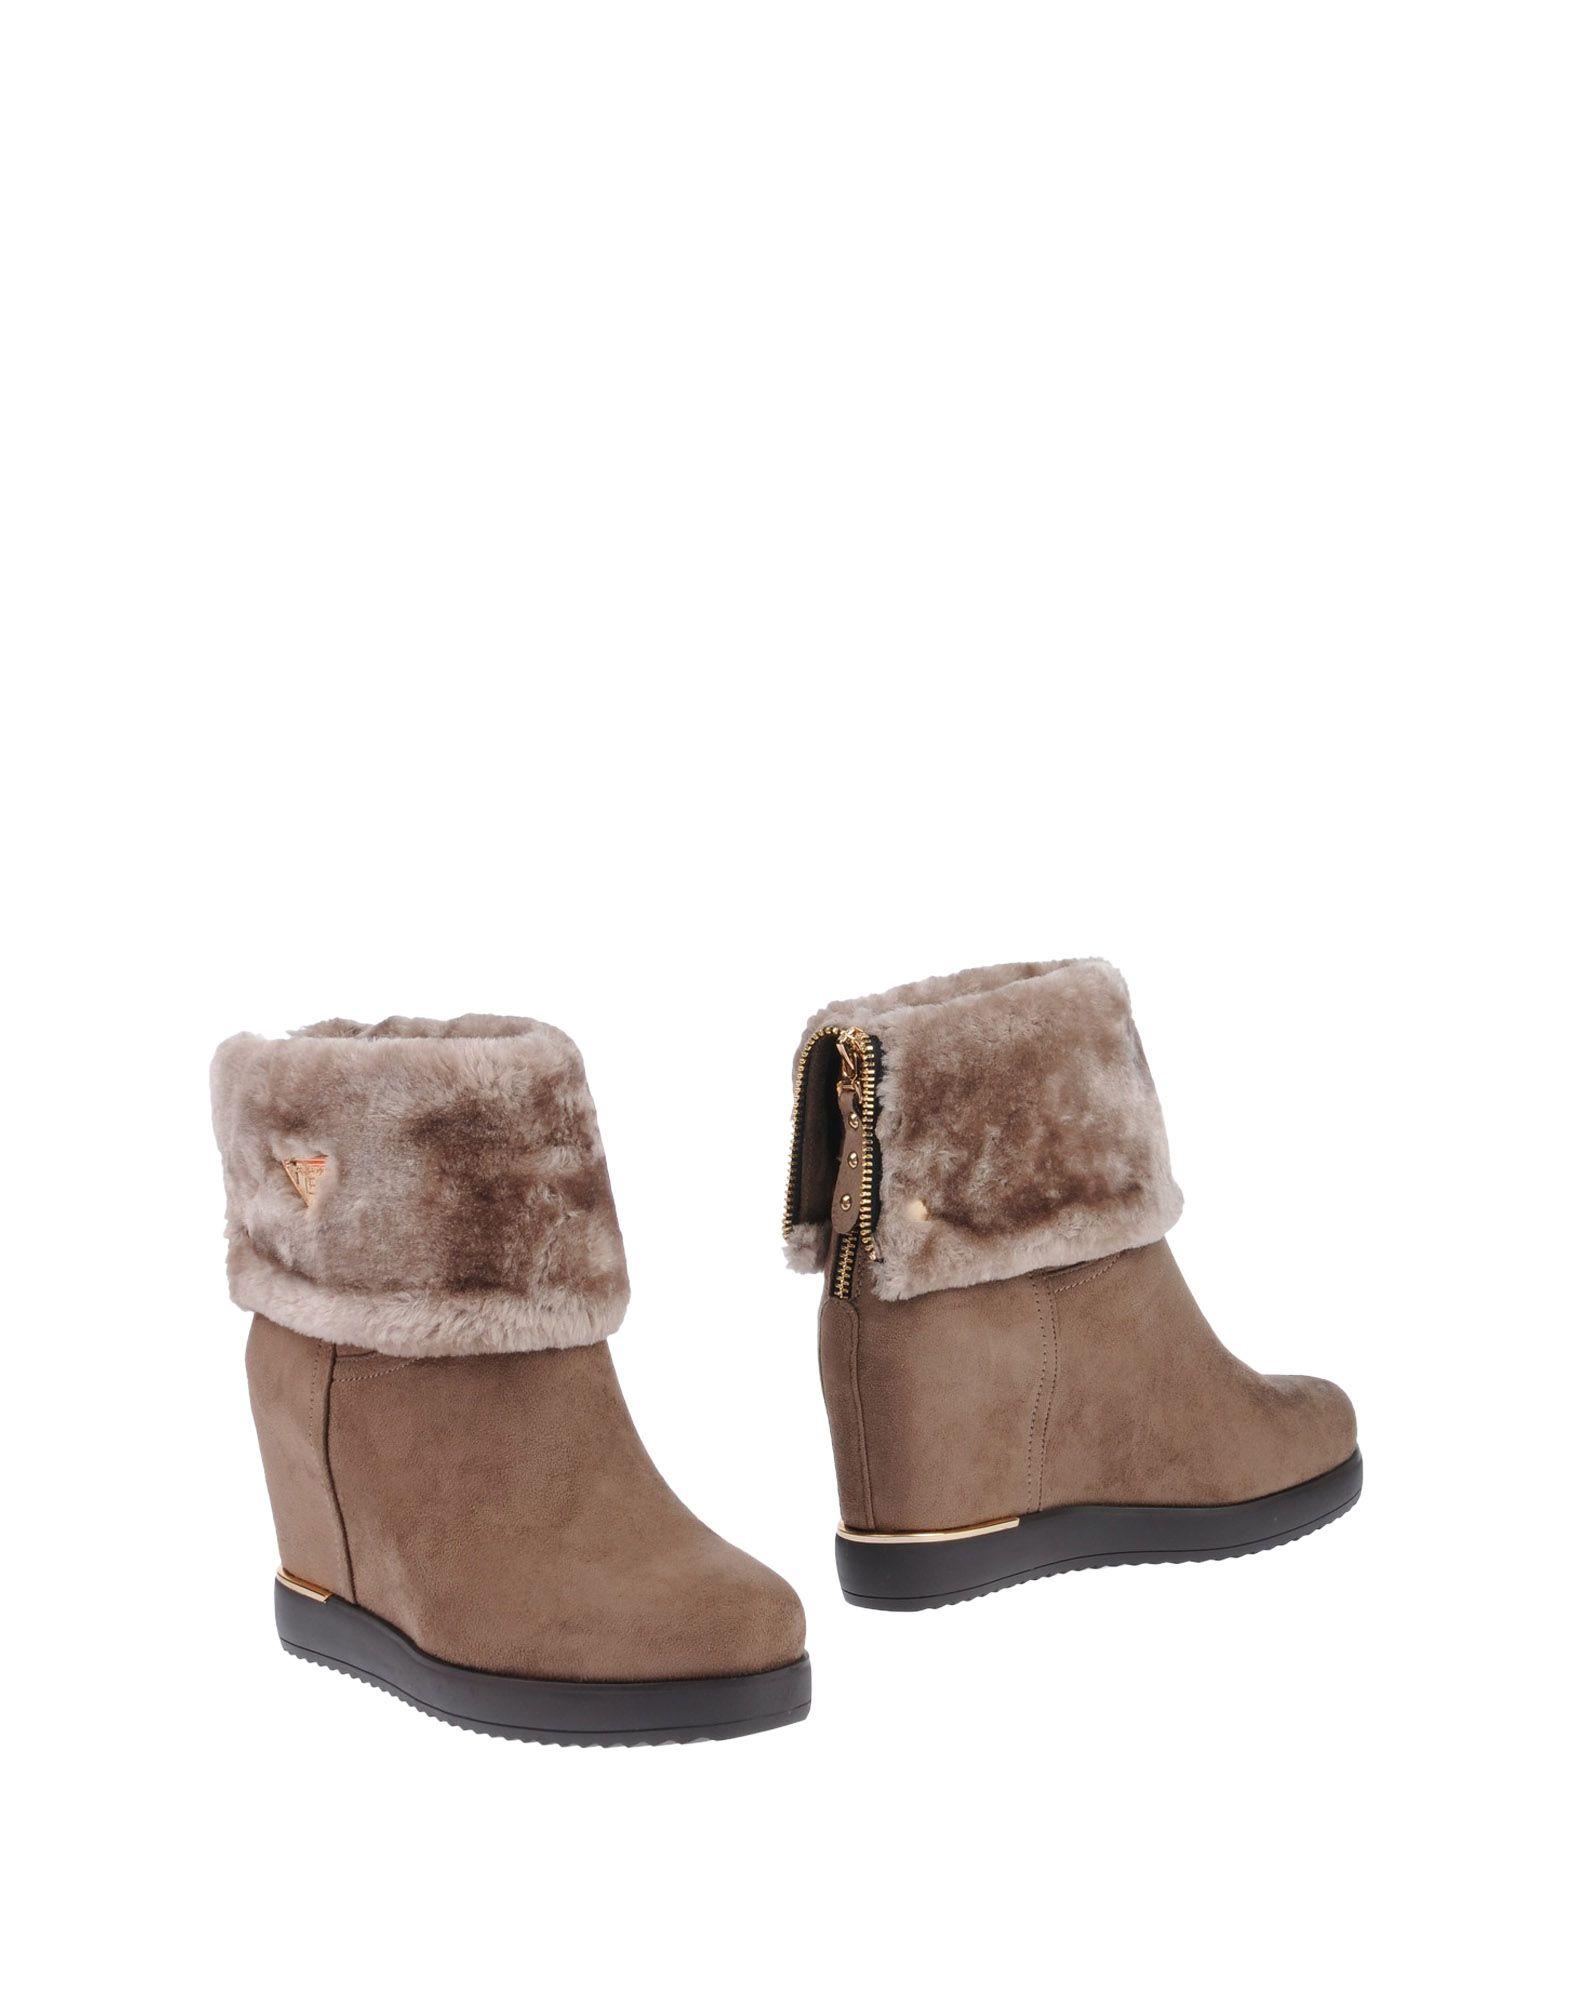 Laura Biagiotti Stiefelette Qualität Damen  11505680AT Gute Qualität Stiefelette beliebte Schuhe aeb123